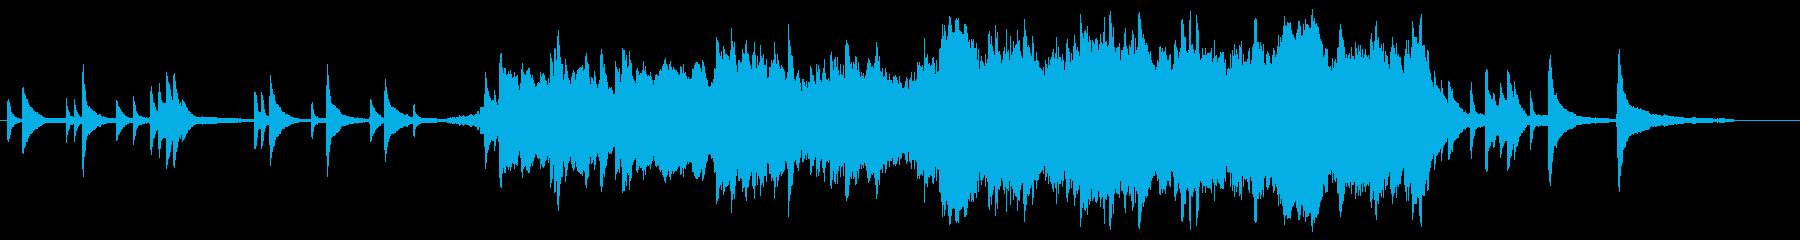 ピアノとストリングスの切ないBGMの再生済みの波形